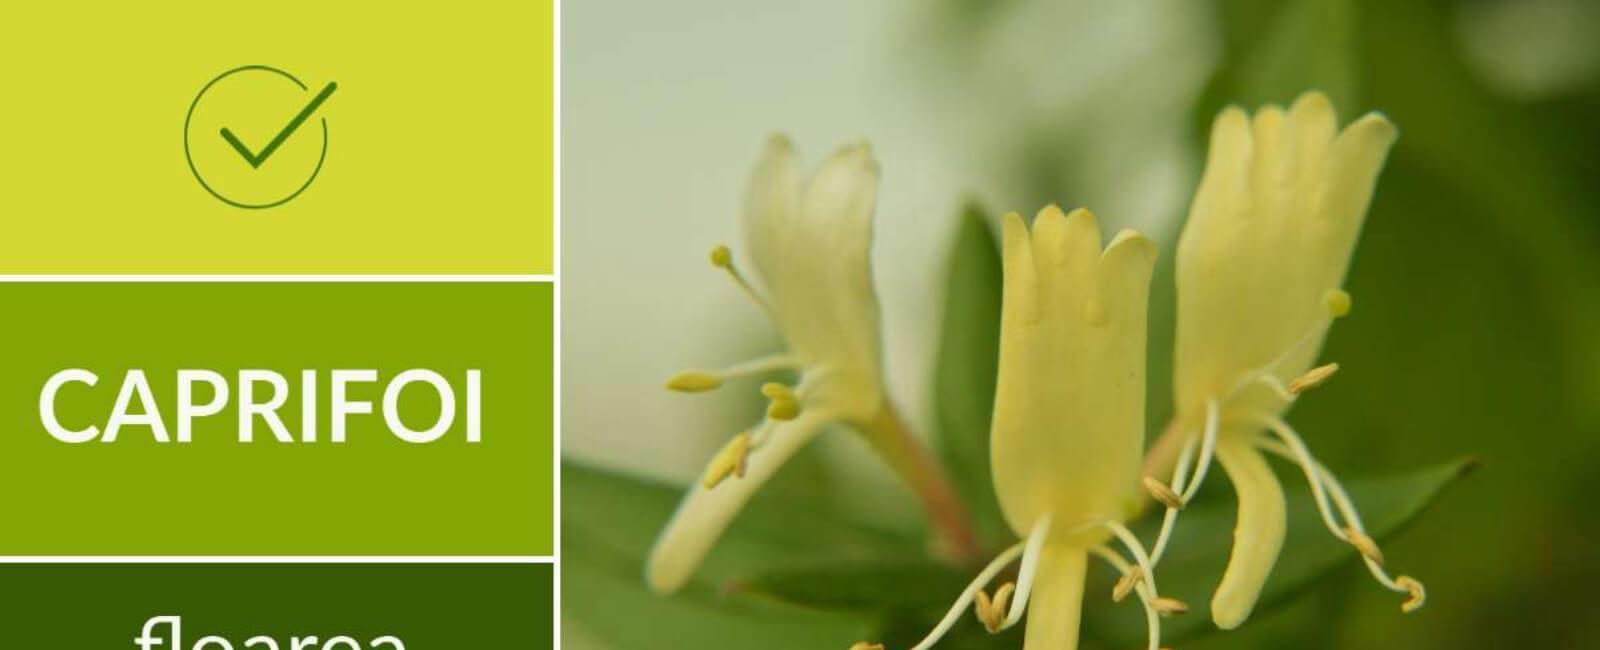 Caprifoi floarea cu efect antiviral 😷 (Mâna Maicii Domnului)!